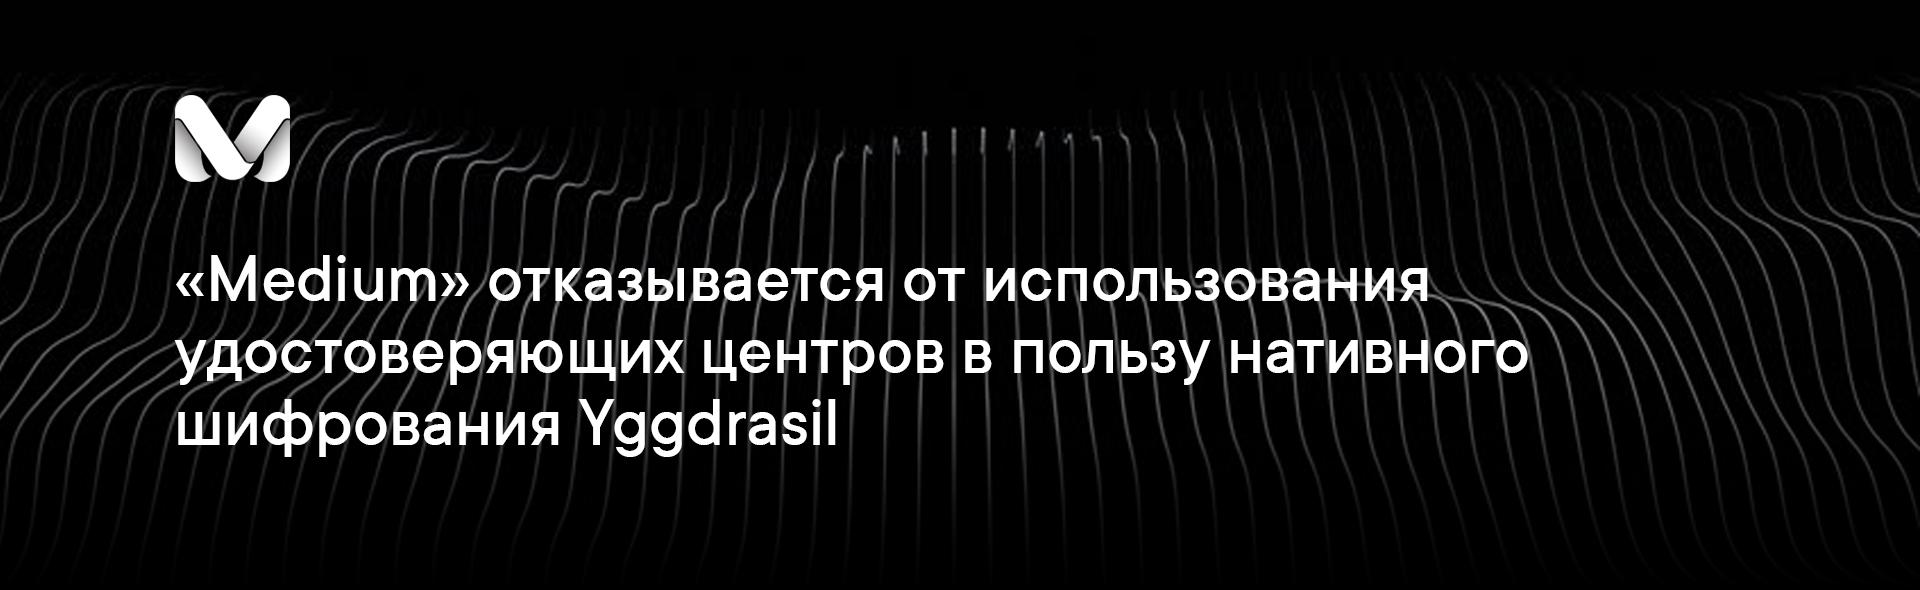 «Medium» отказывается от использования удостоверяющих центров в пользу нативного шифрования Yggdrasil